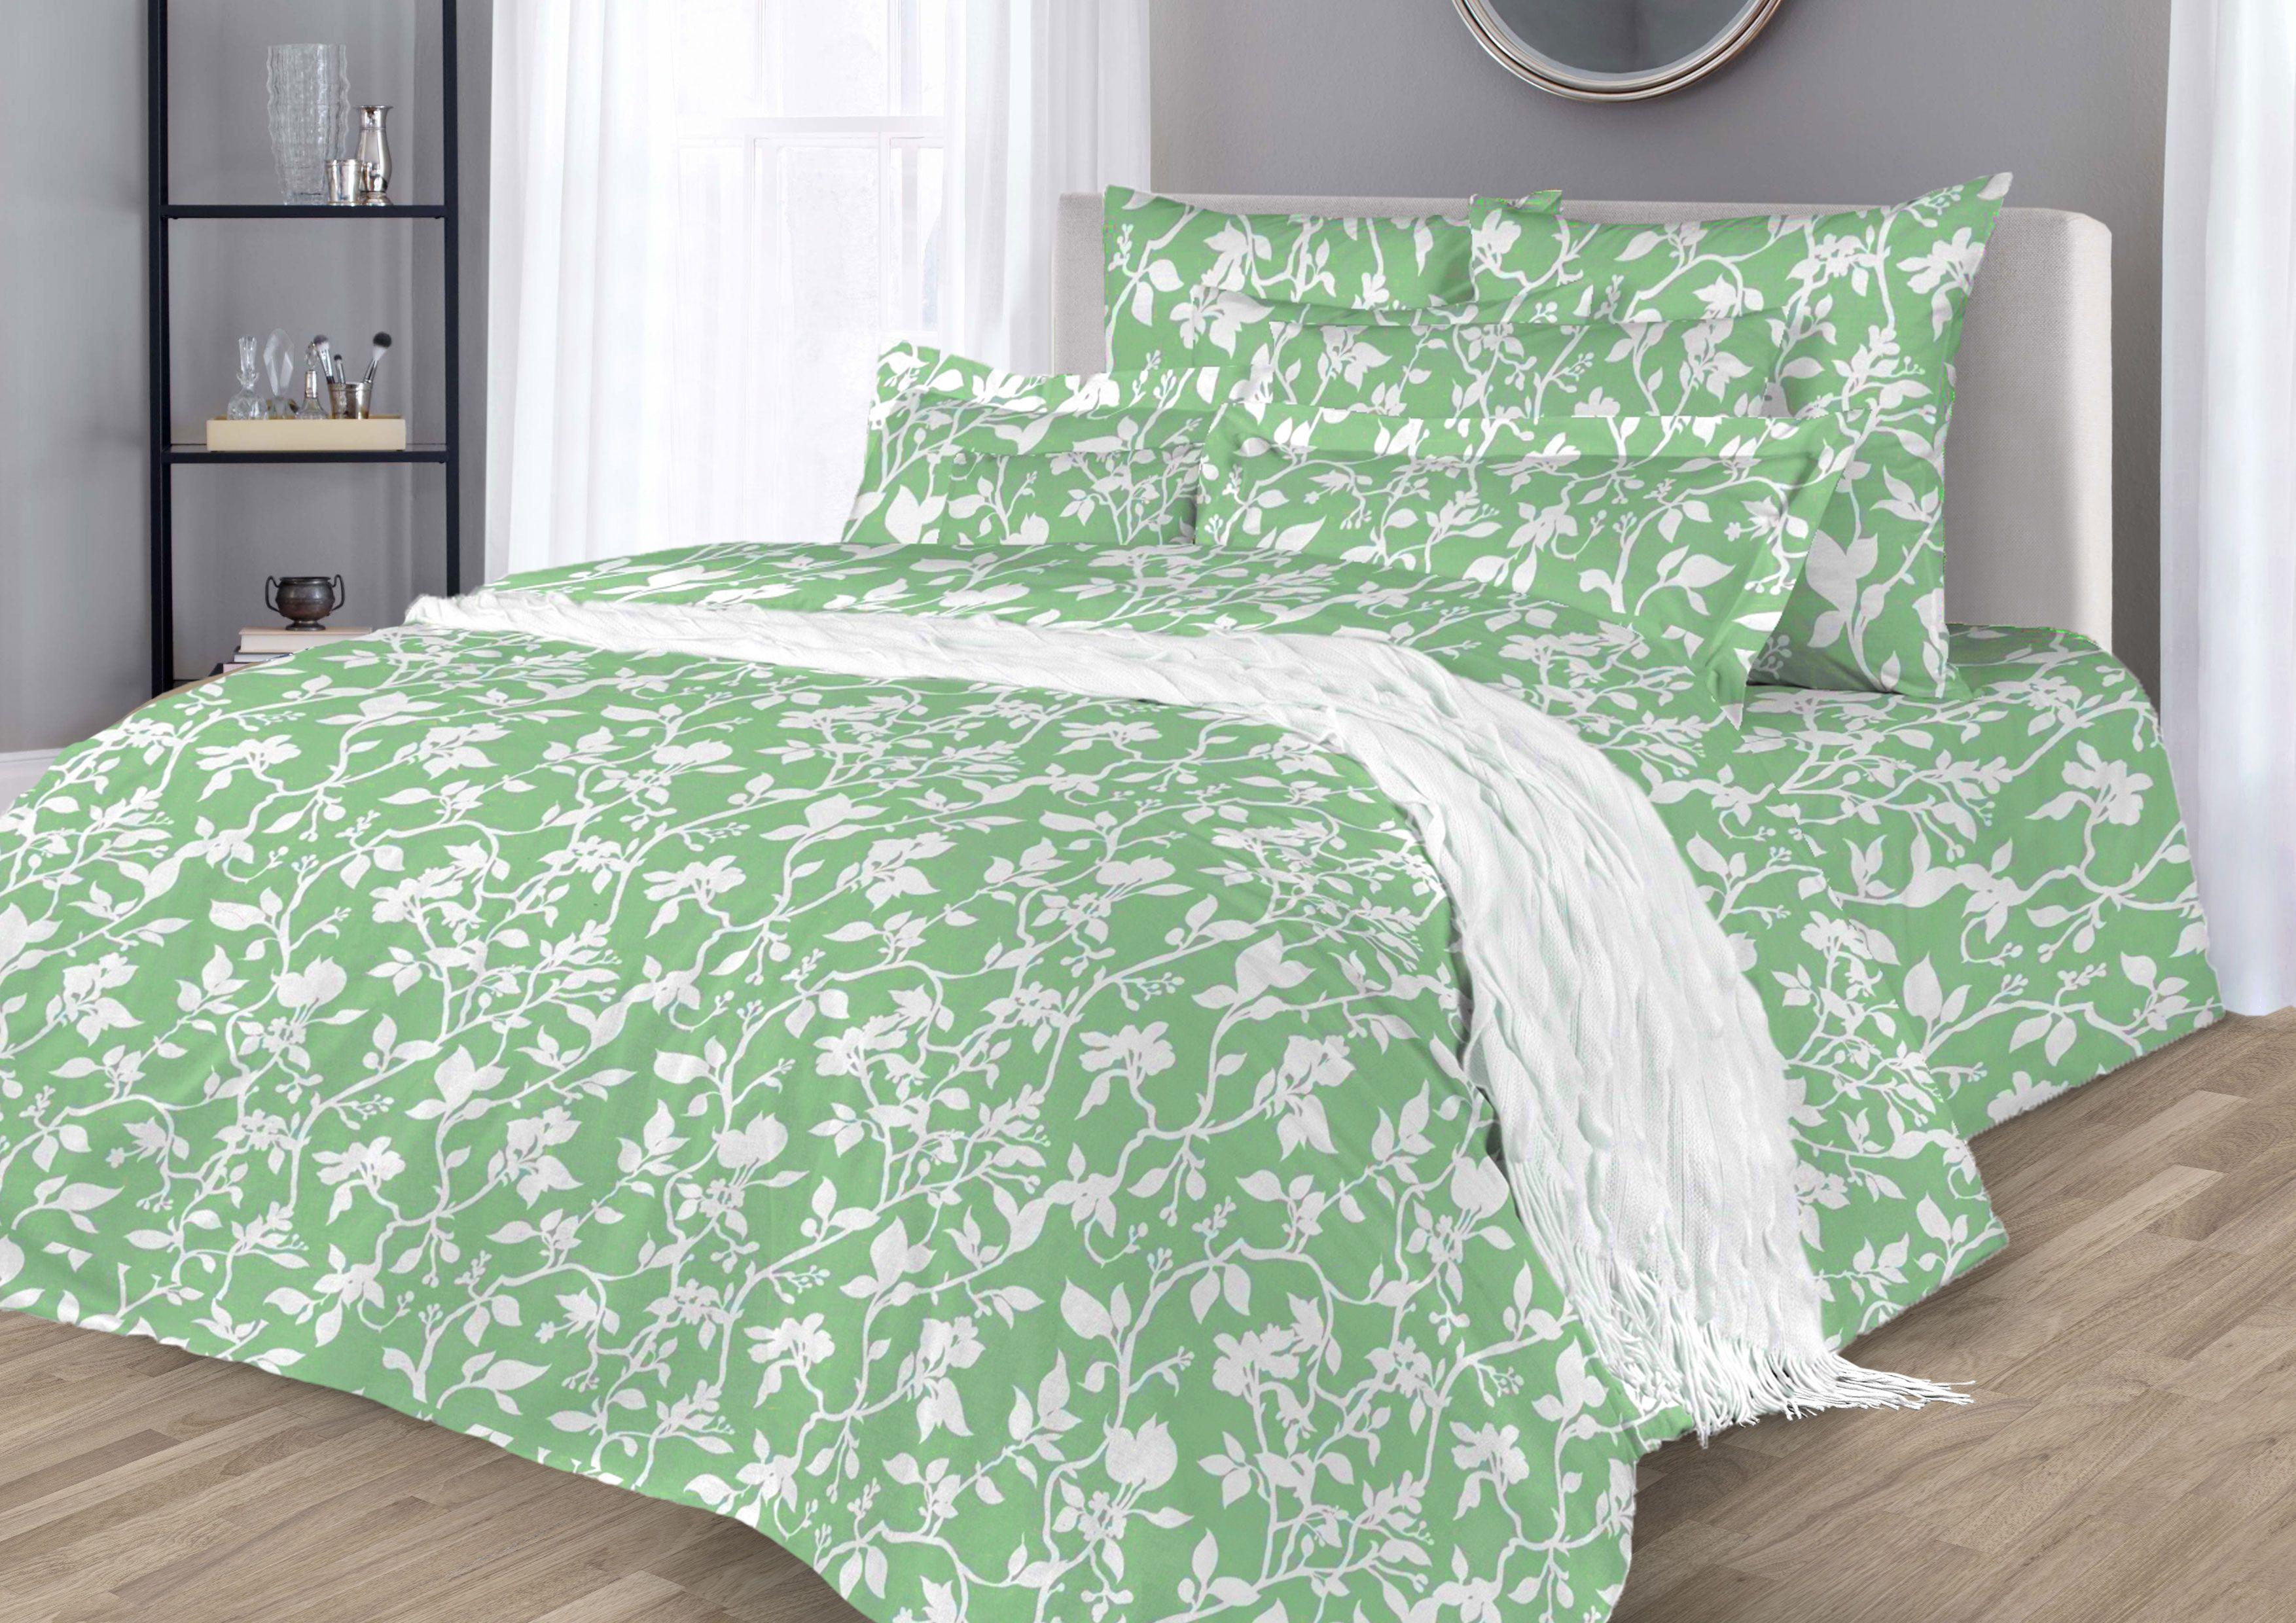 Комплекты постельного белья Guten Morgen gmg672765